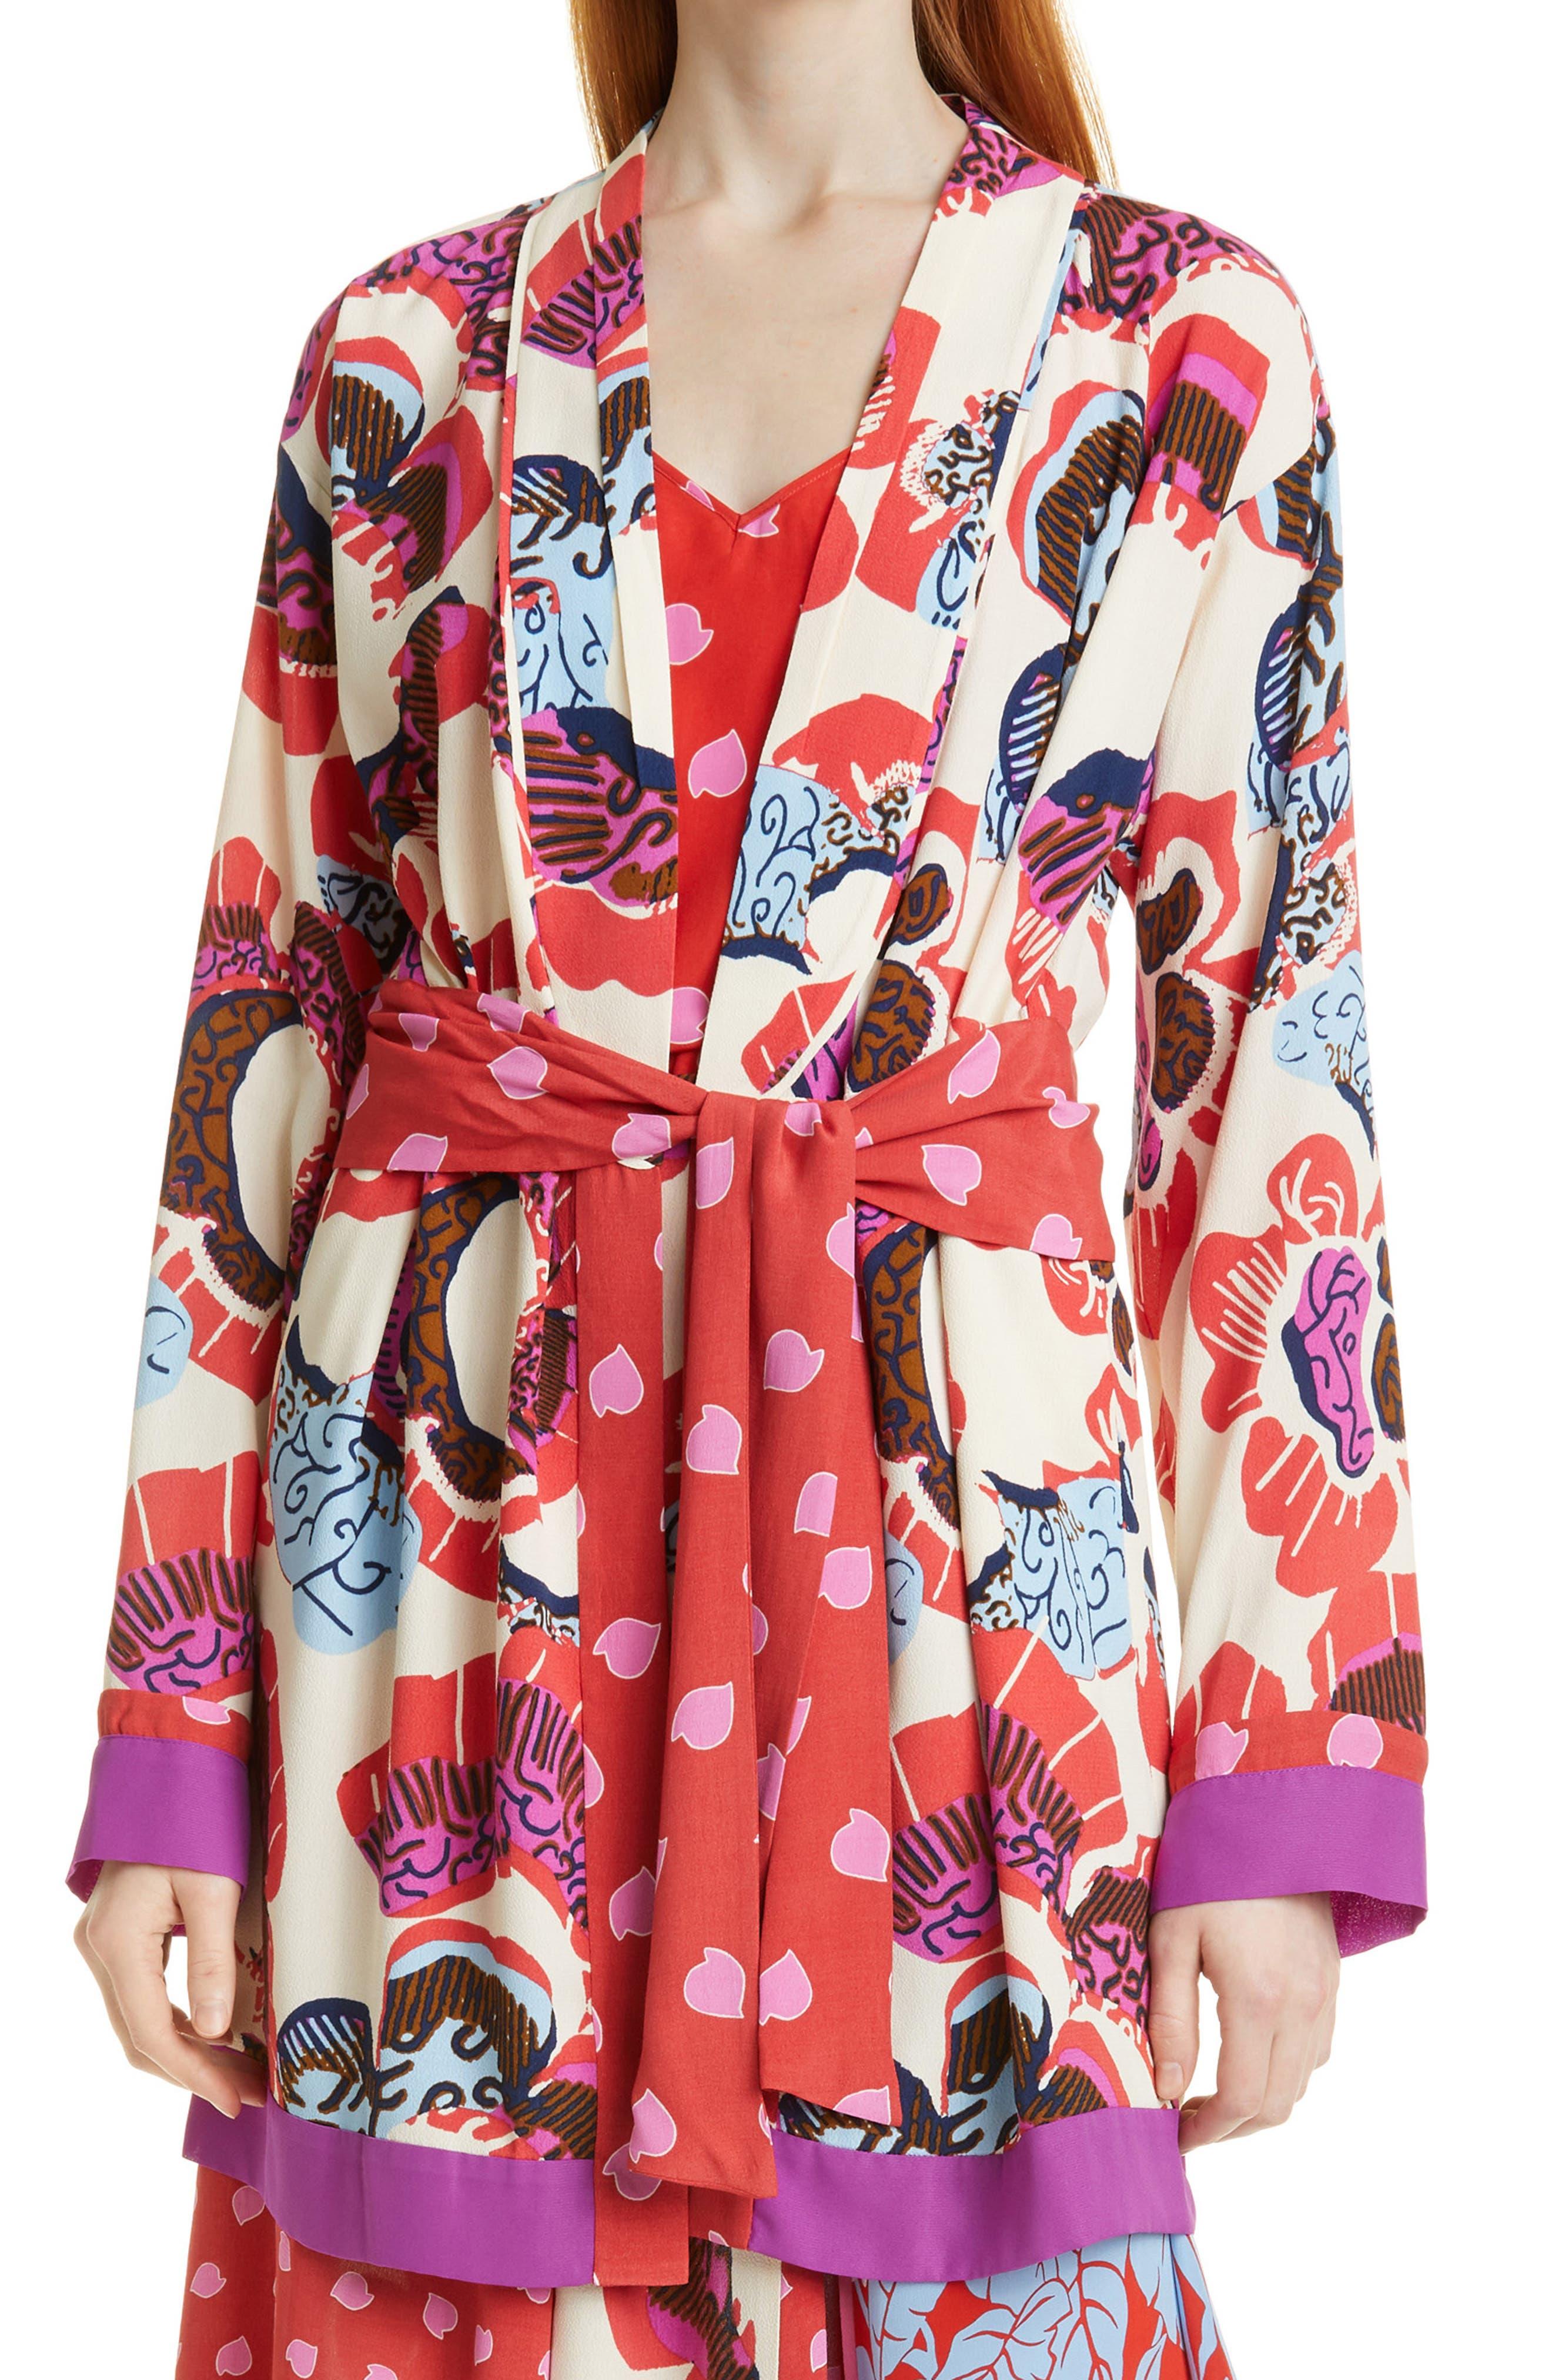 April Floral Mix Print Tie Waist Jacket